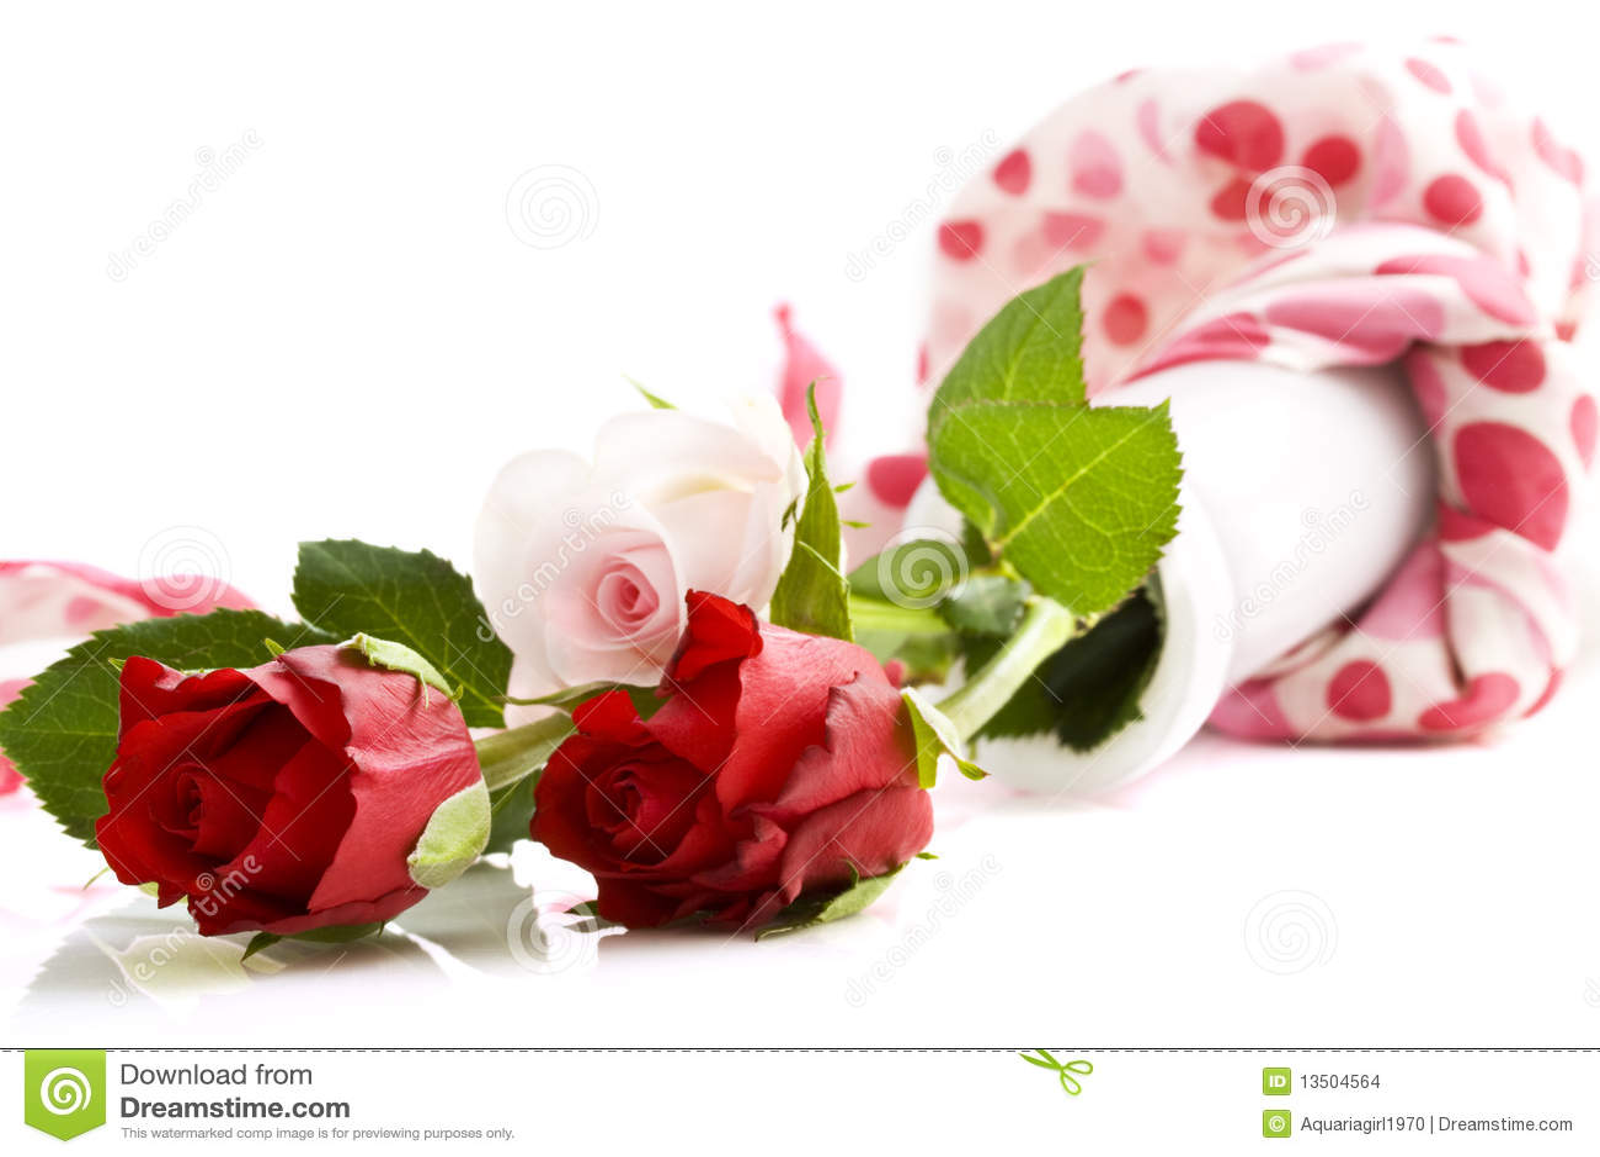 Para Alguien Especial Foto De Archivo Imagen De Valentine 13504564